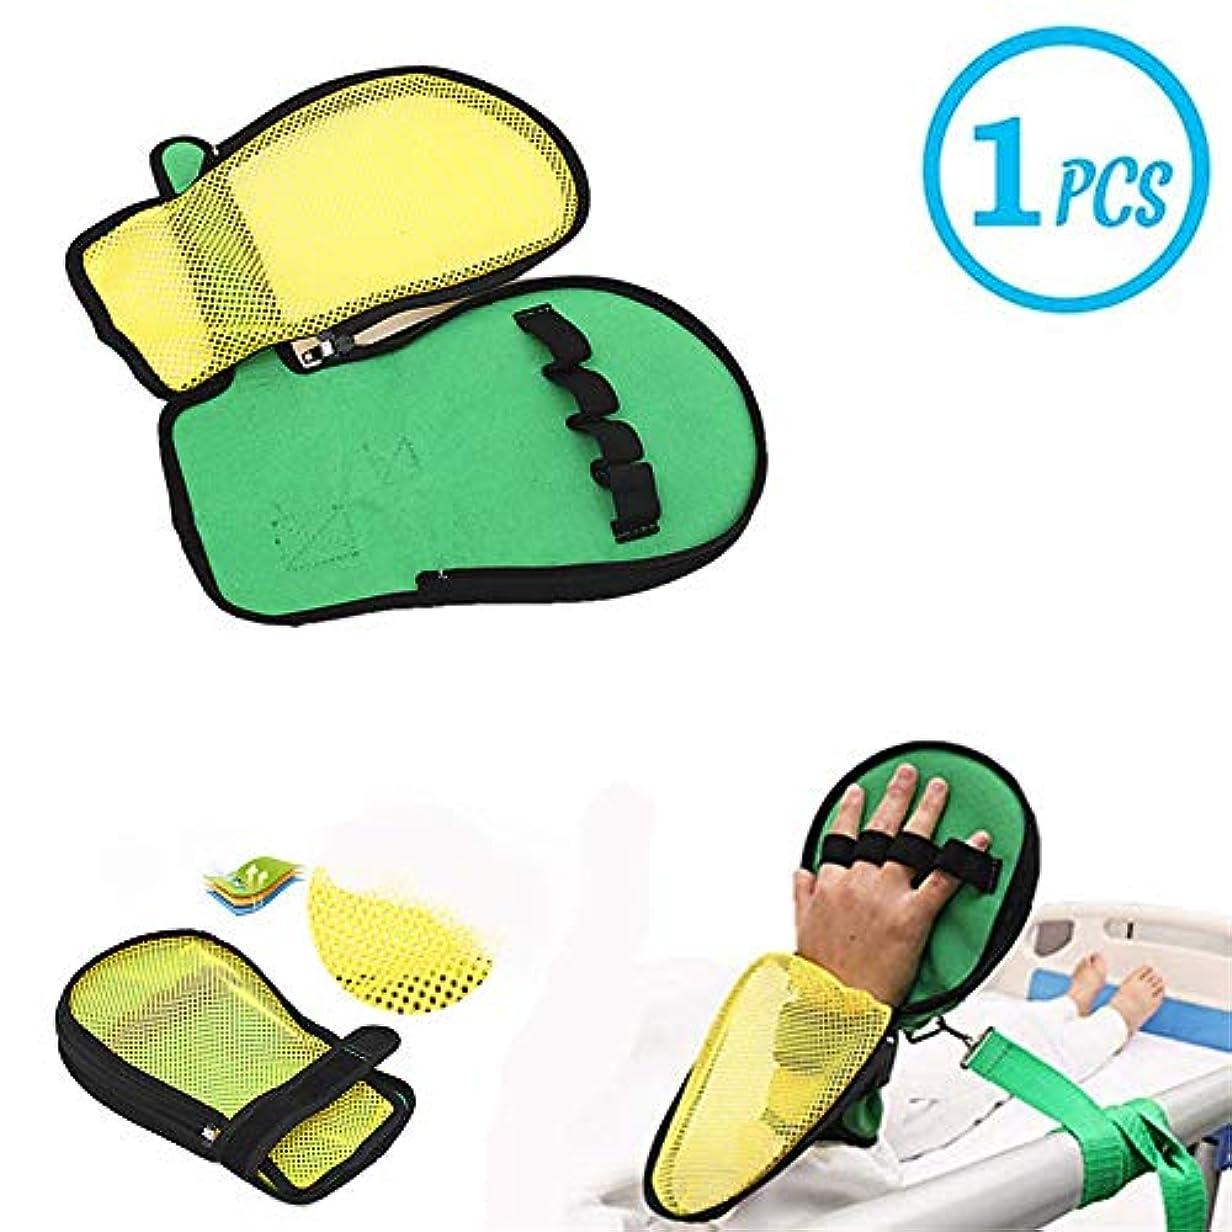 取り組む受益者ホイッスル指の損傷、ユニバーサルサイズ、片面イエローグリーンサイドを防ぐために、フィンガーコントロール手袋、ハンドパッド